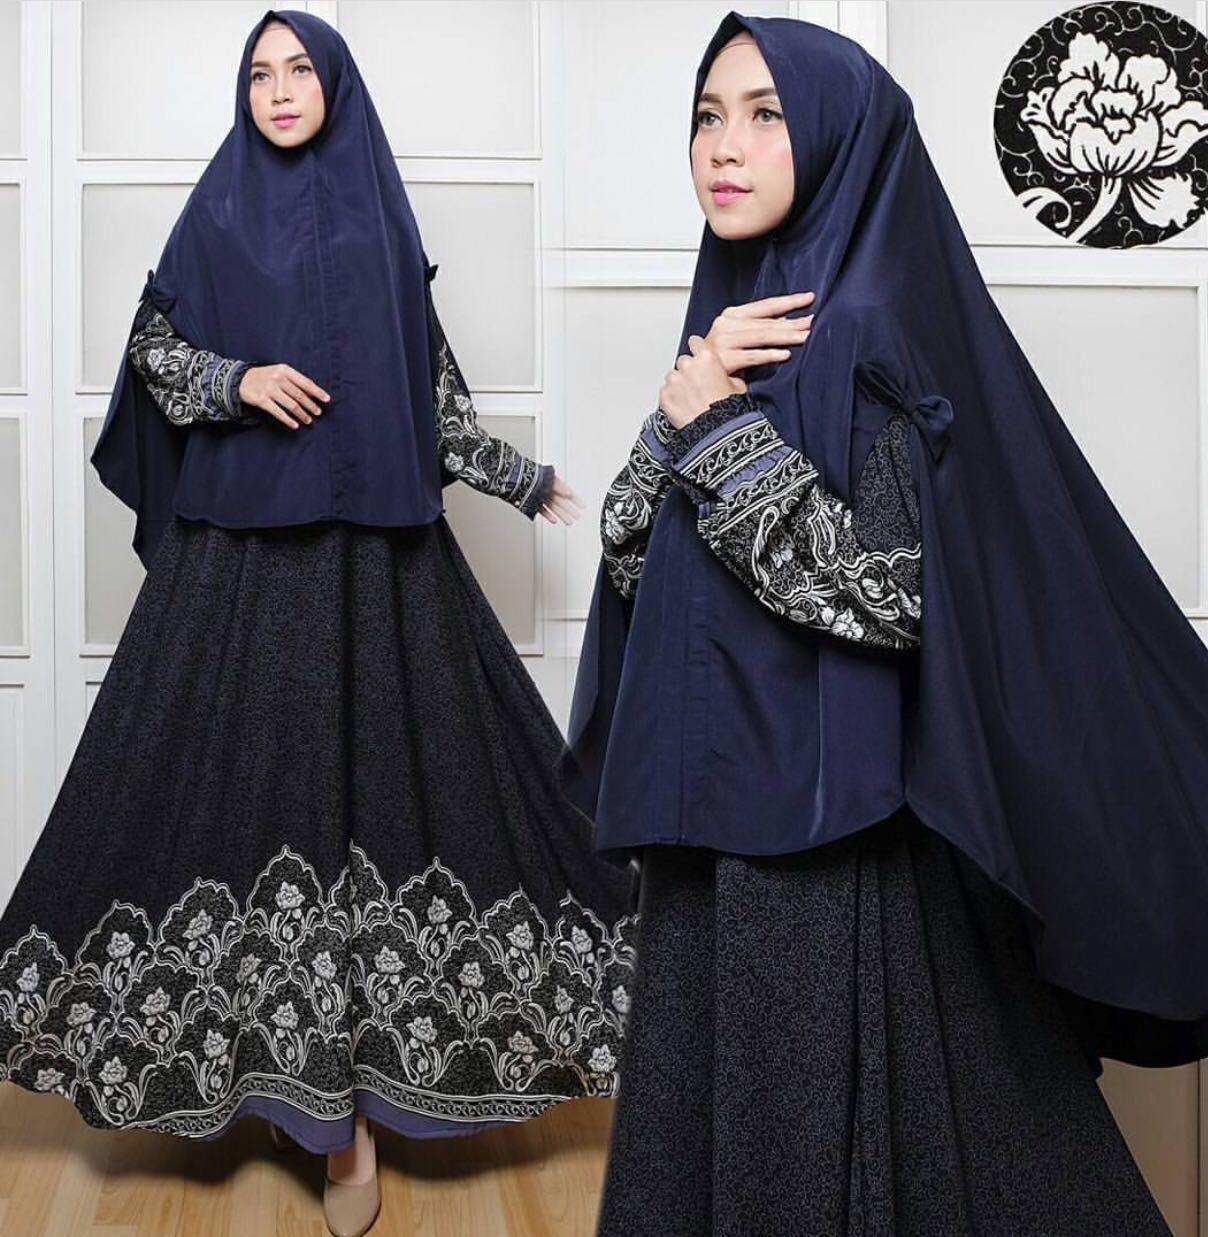 Gamis syari khimar pinguin panjang batik cantik keren real pict branded original